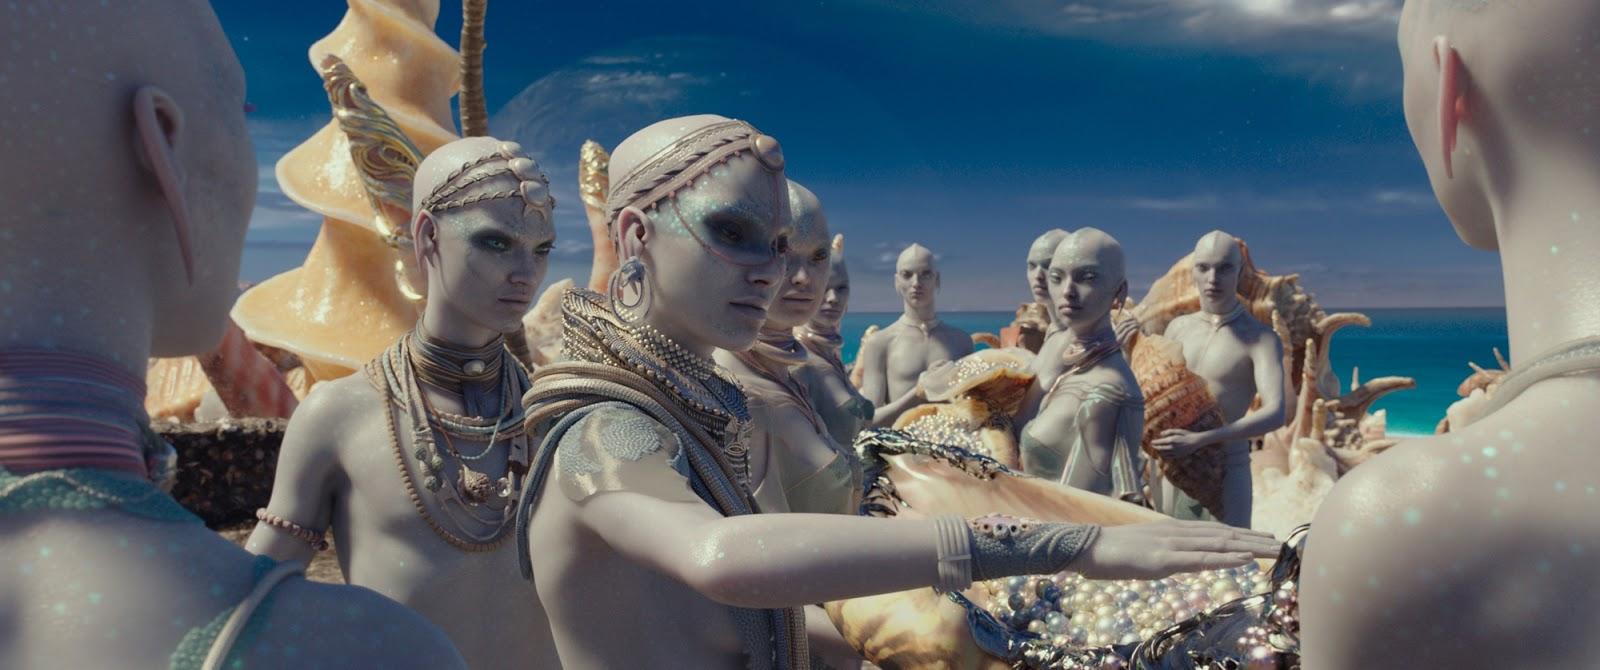 Valerian y la ciudad de los mil planetas - criaturas